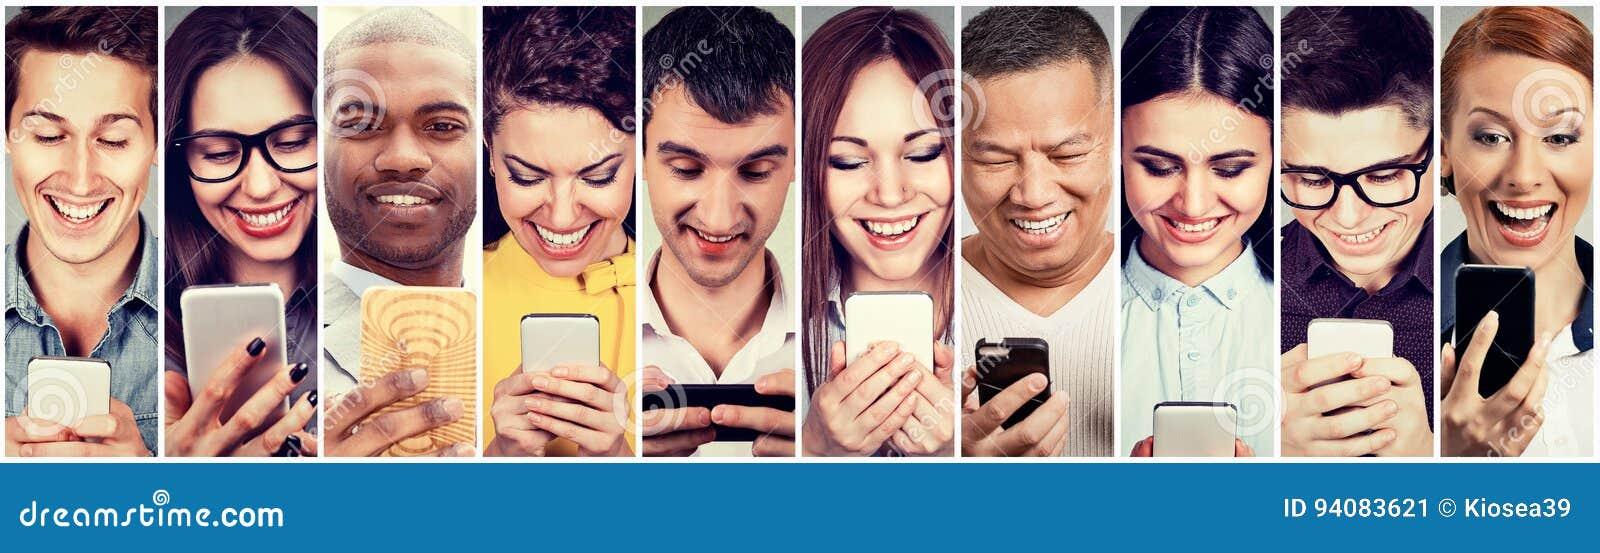 Ευτυχείς άνθρωποι που χρησιμοποιούν το κινητό έξυπνο τηλέφωνο